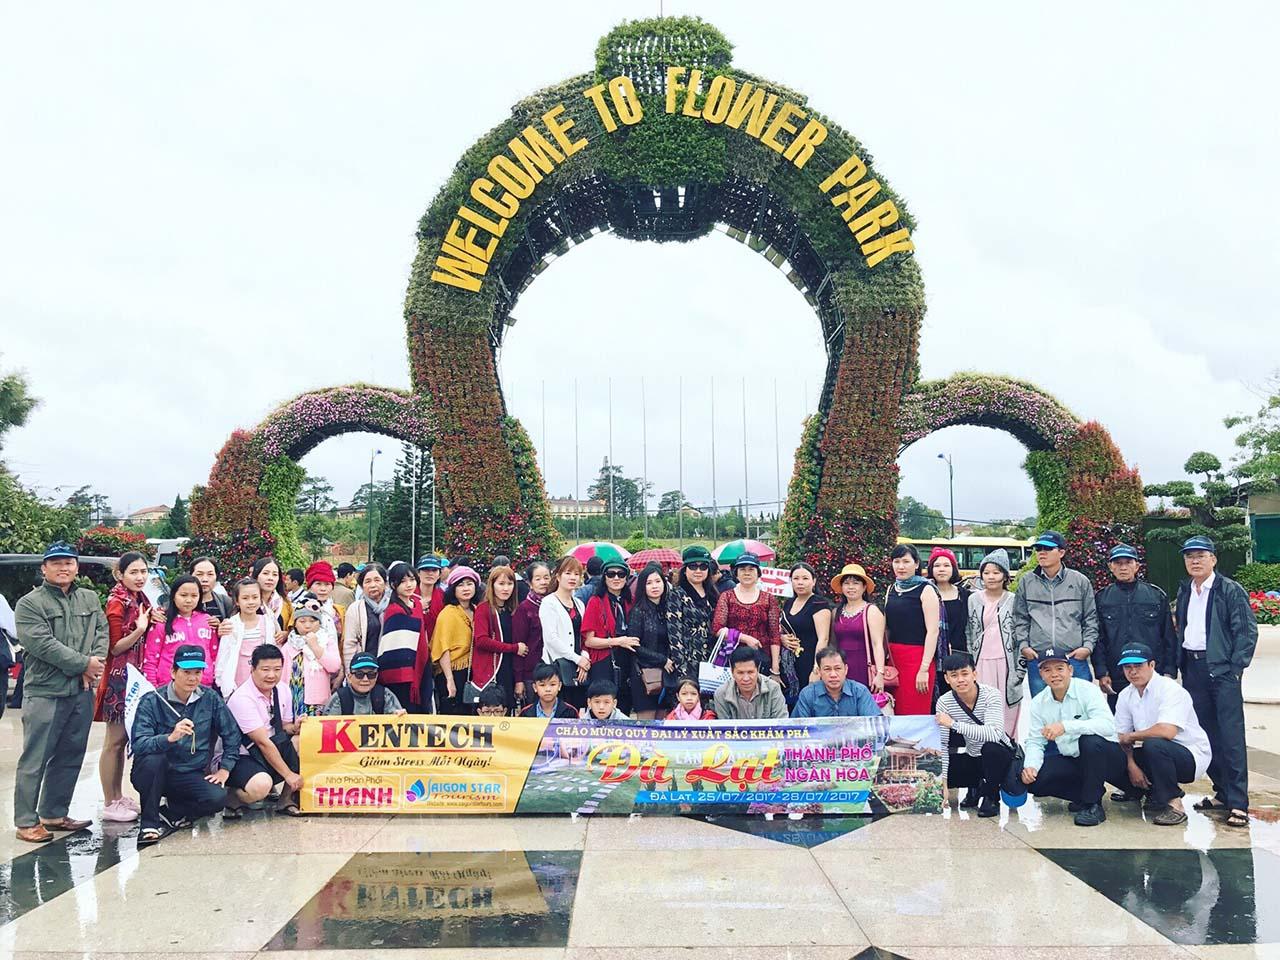 Chụp ảnh tại cổng hoa Đà Lạt